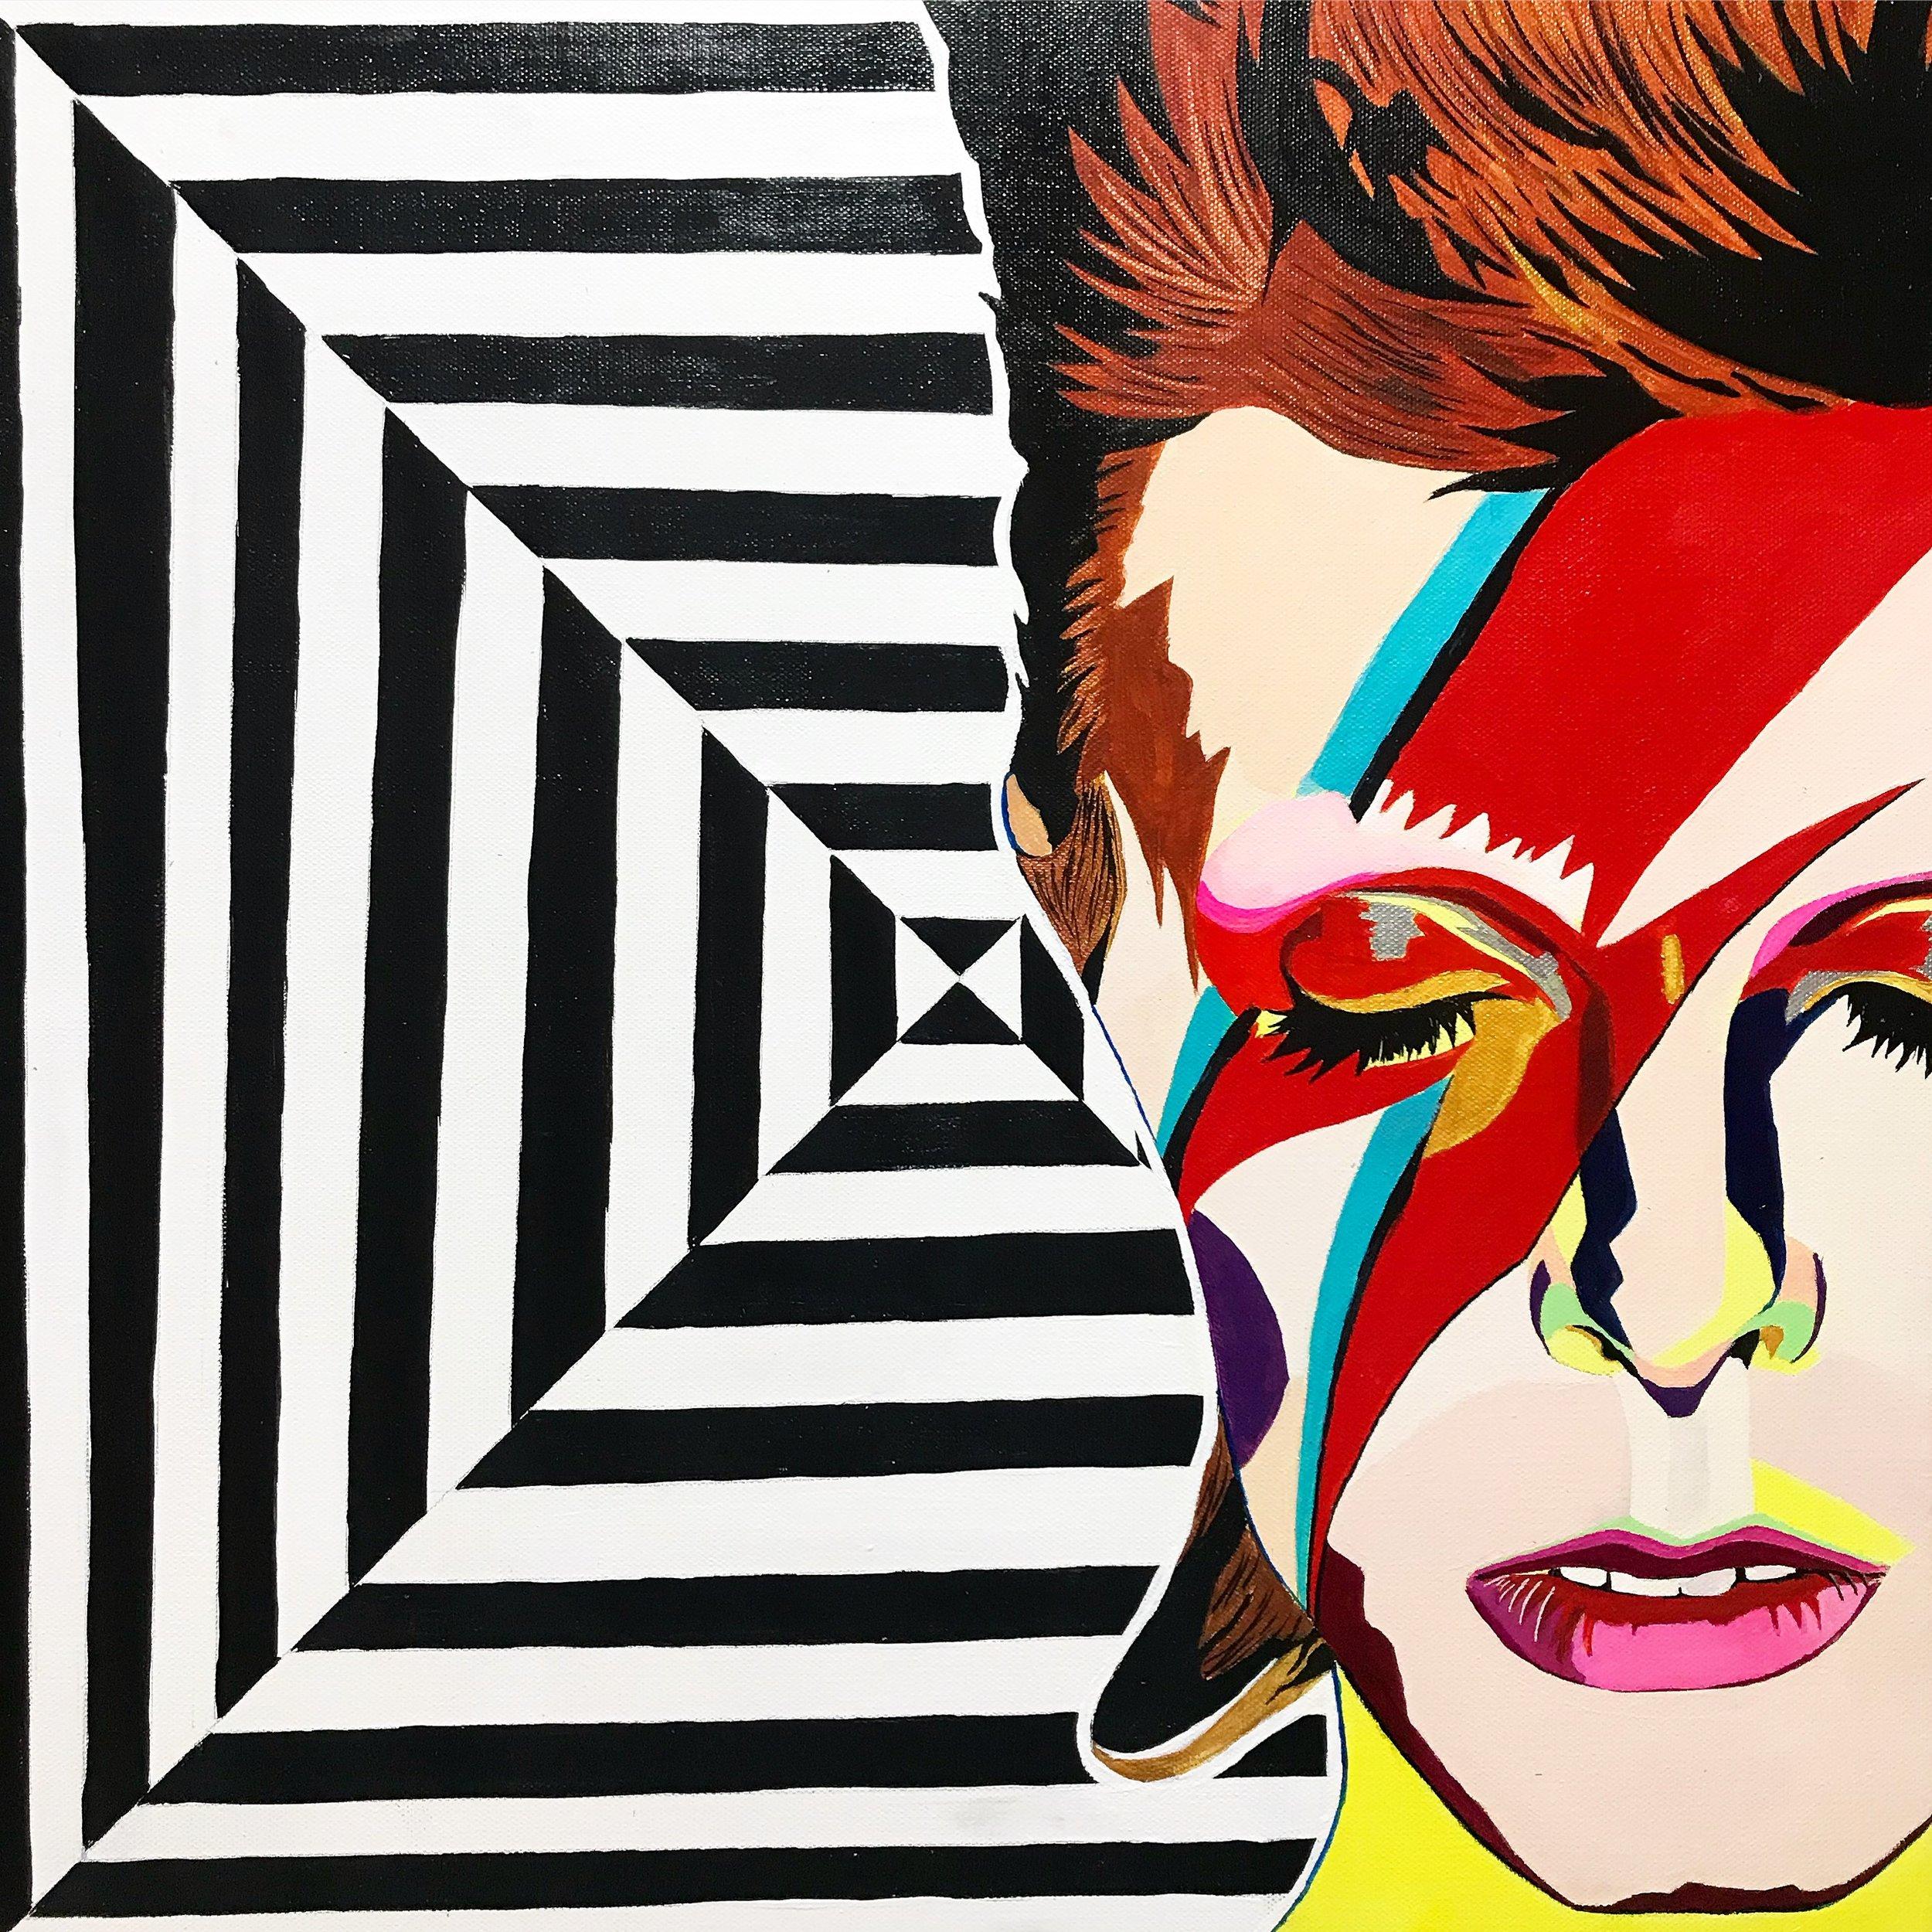 David Bowie (dpi 300).jpg